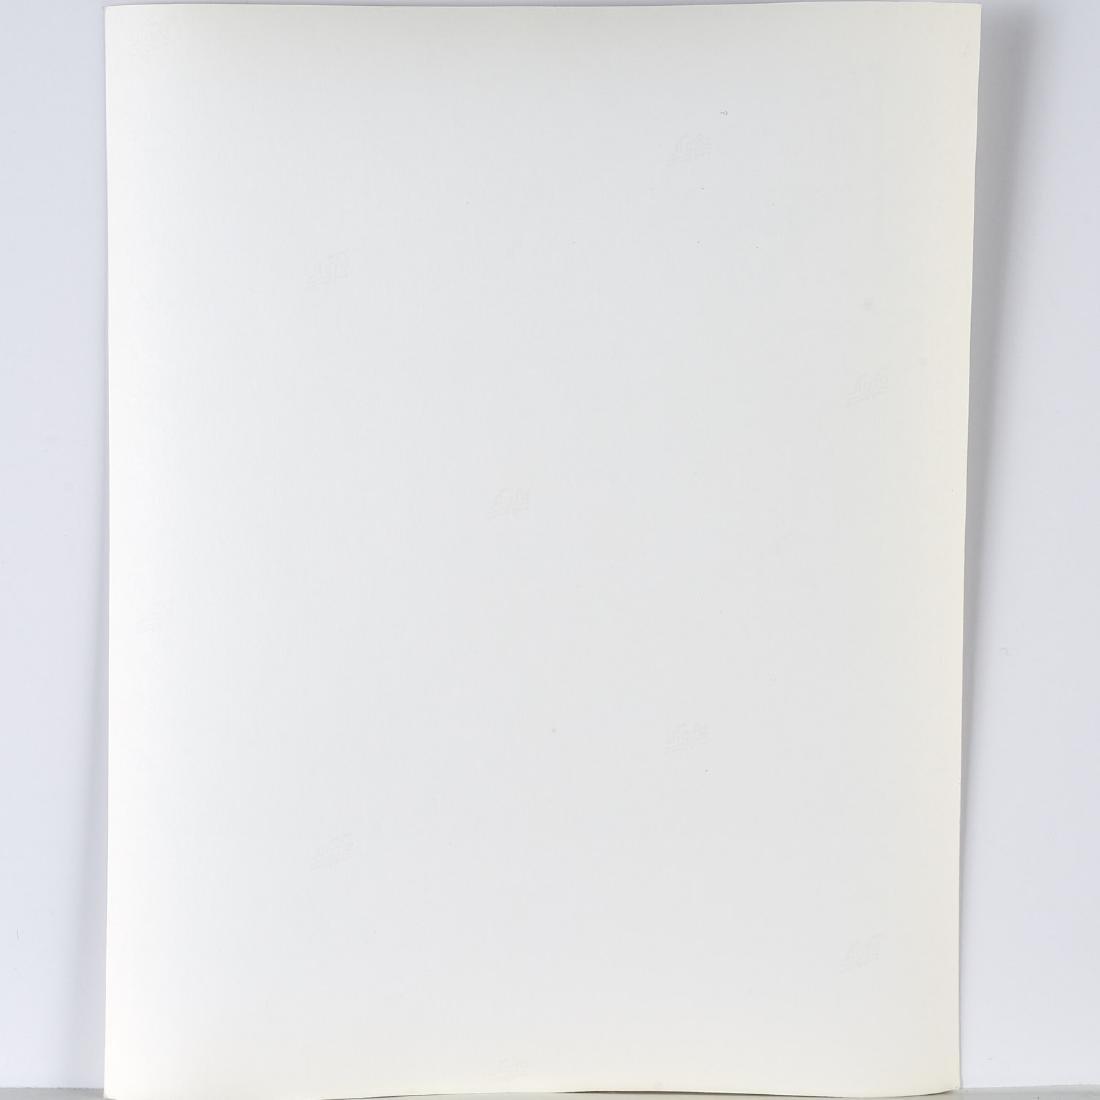 Robert Rauschenberg, Mailbox and Tire, 1979 - 6